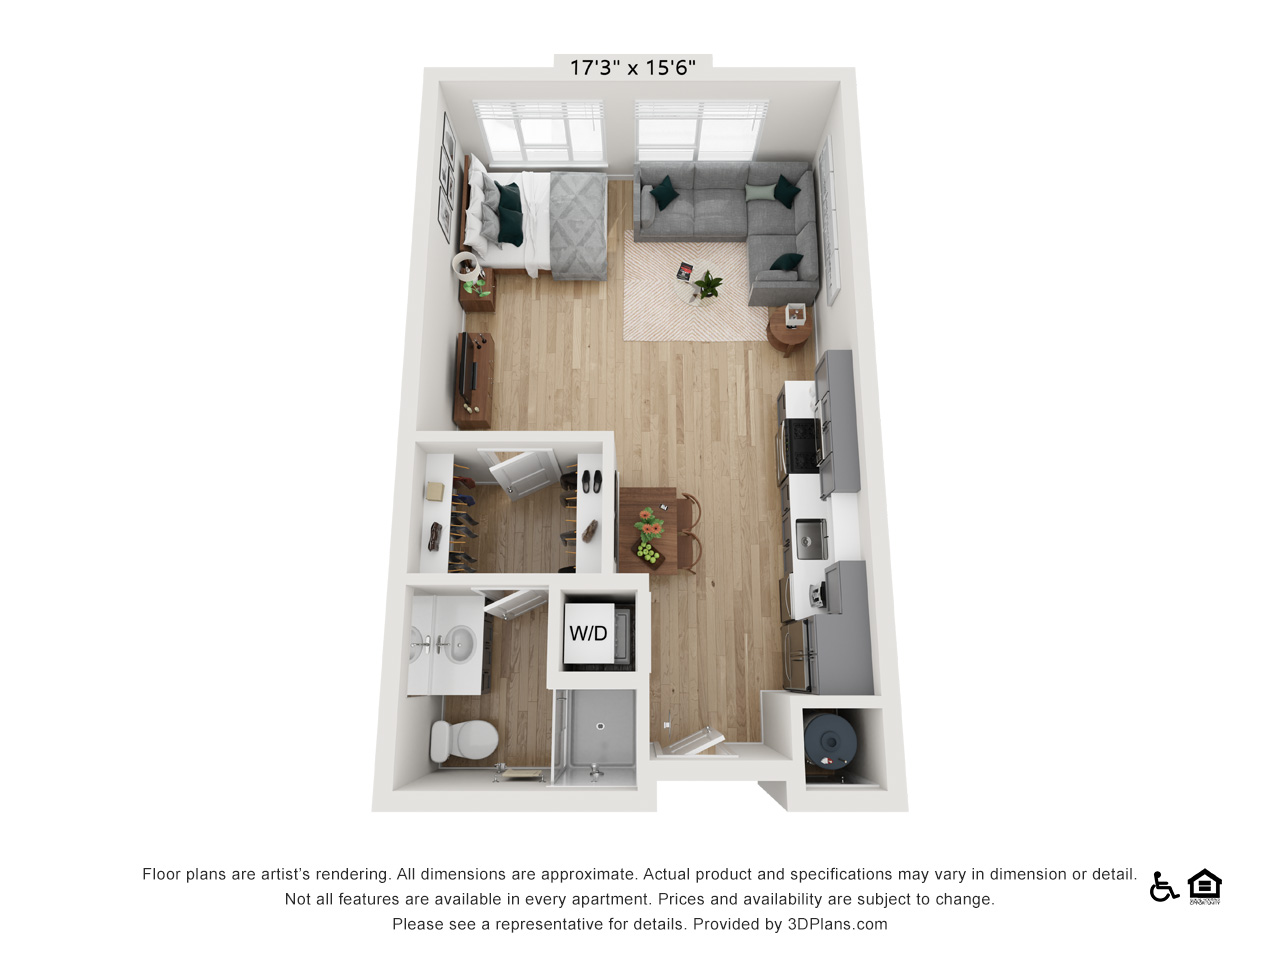 Studio A | 0 Bedrooms | 1 Bathroom | 498-505 sq ft